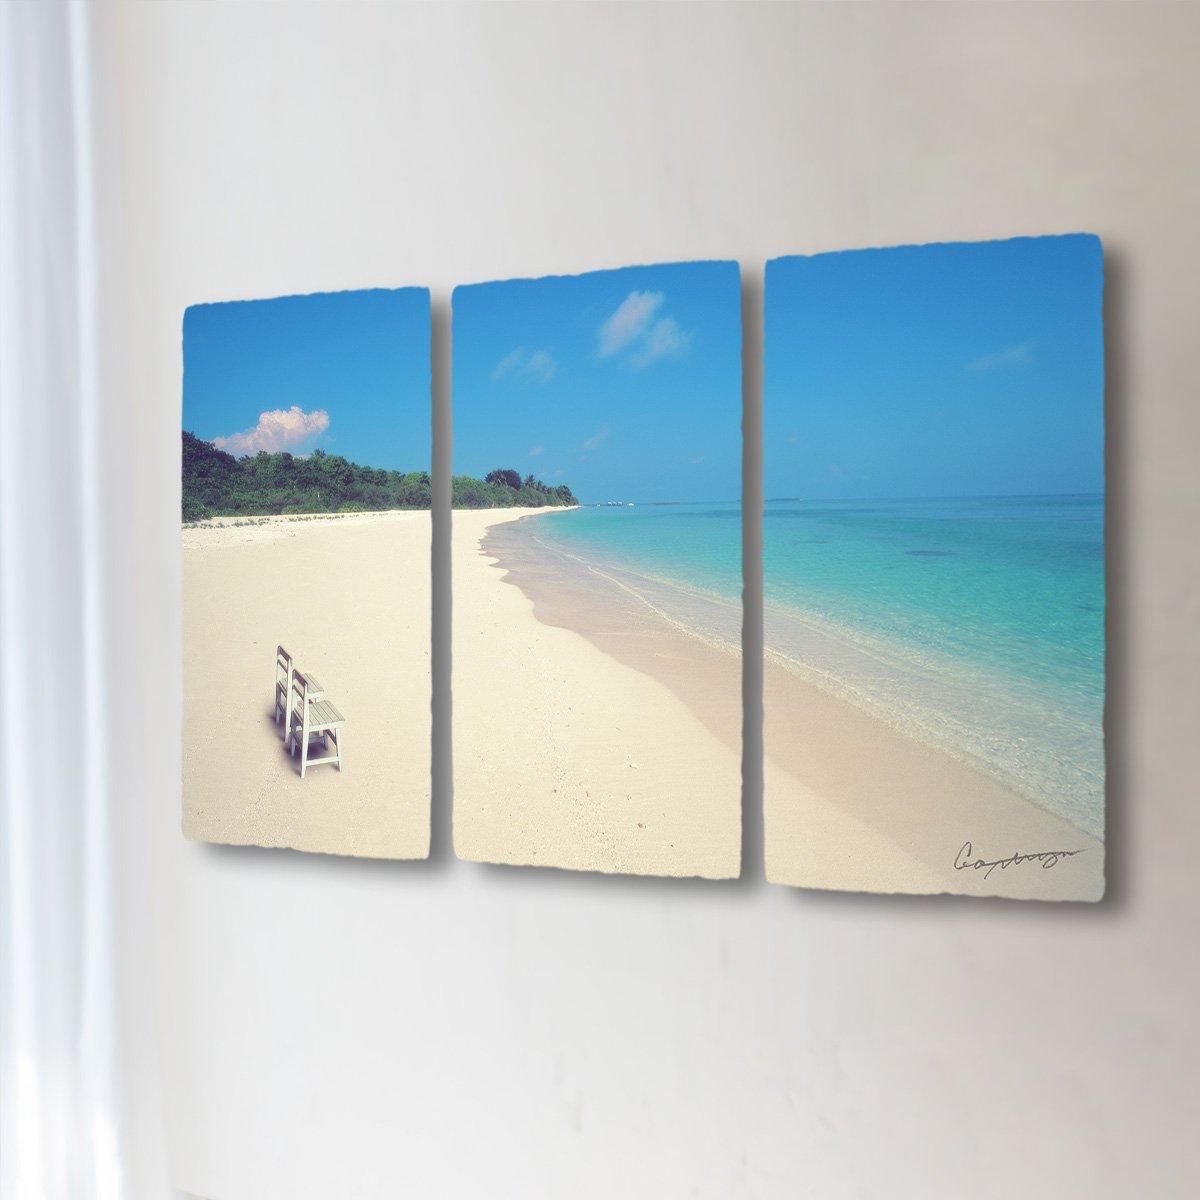 和紙 アートパネル 3枚 続き 「どこまでも続く珊瑚礁の砂浜と白い椅子」 (144x81cm) 結婚祝い プレゼント 絵 絵画 壁掛け 壁飾り インテリア アート B0736NDPQH 36.アートパネル3枚続き(長辺144cm) 250000円|どこまでも続く珊瑚礁の砂浜と白い椅子 どこまでも続く珊瑚礁の砂浜と白い椅子 36.アートパネル3枚続き(長辺144cm) 250000円